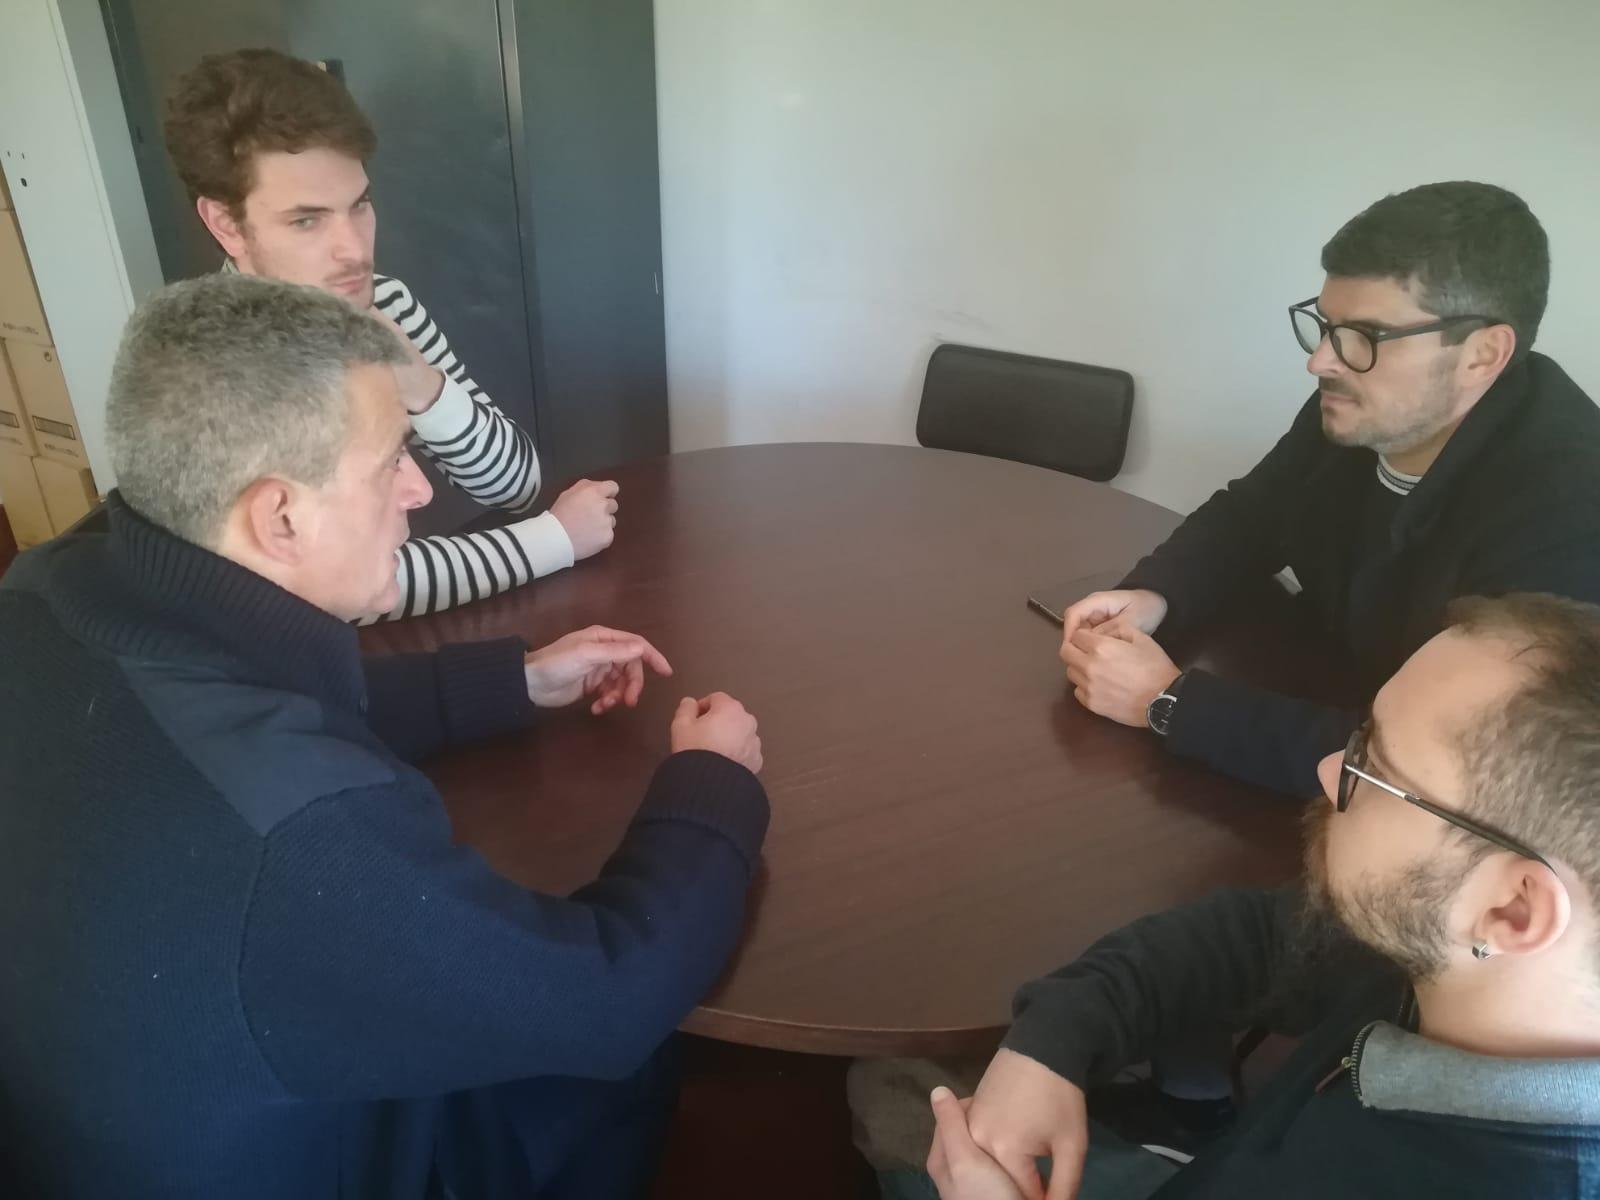 Dificuldades no recrutamento preocupam Bombeiros de Macedo